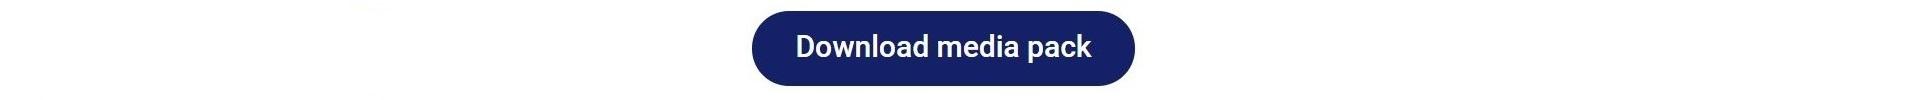 Download media pack